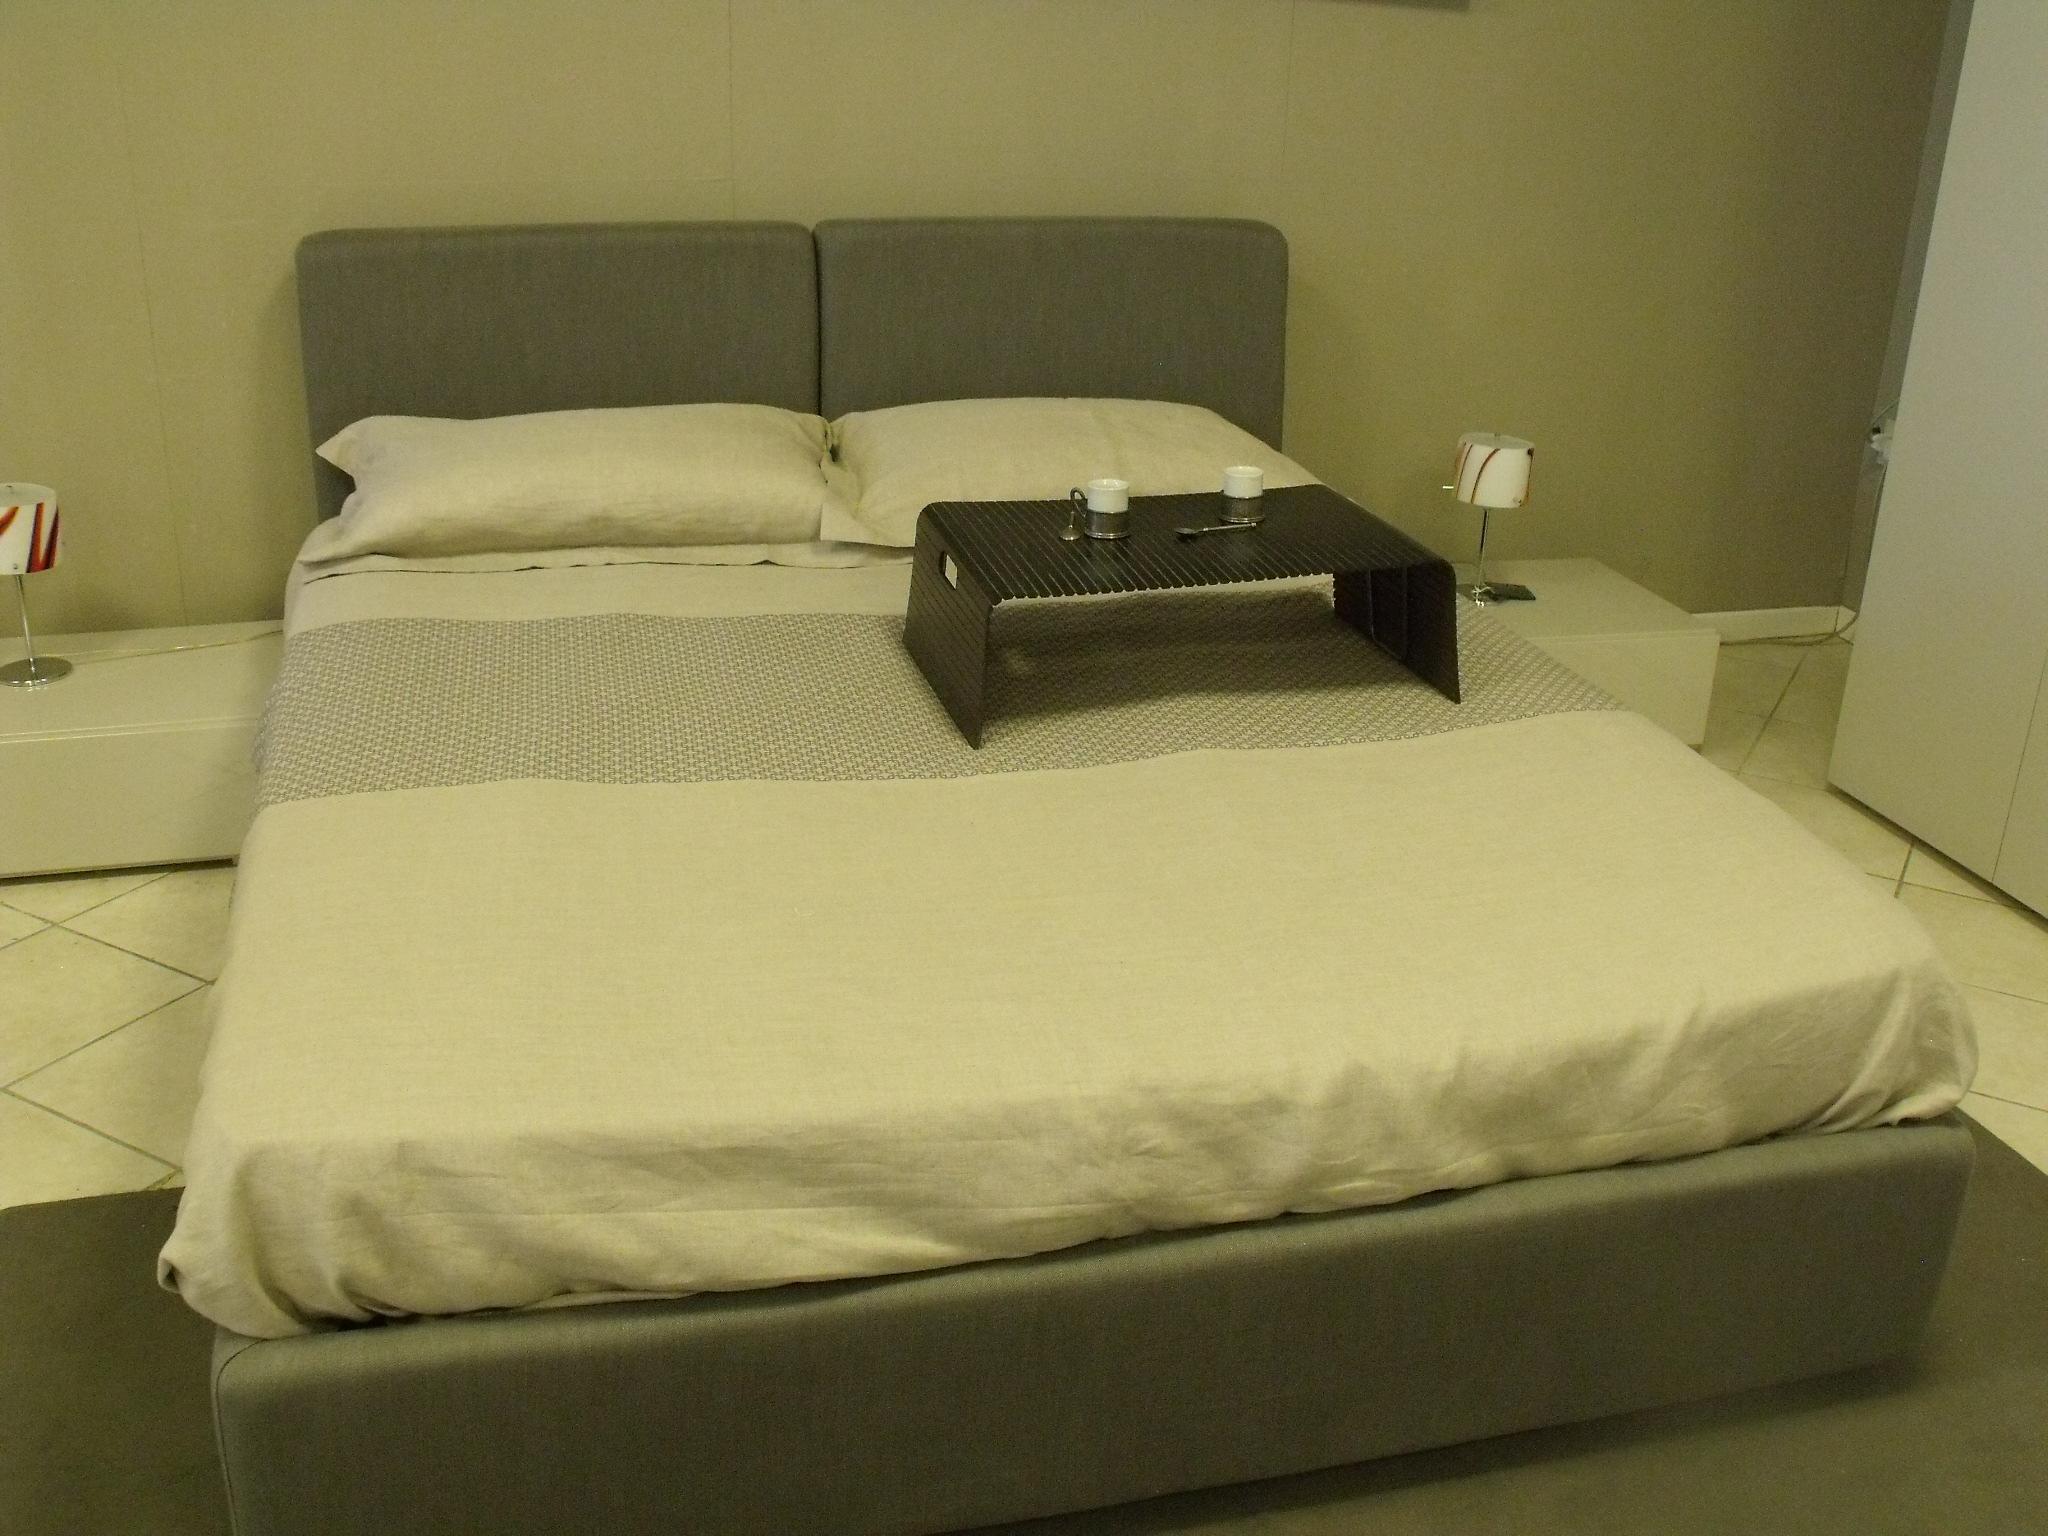 Letto dorelan letto dante scontato del 35 letti a - Parti del letto ...